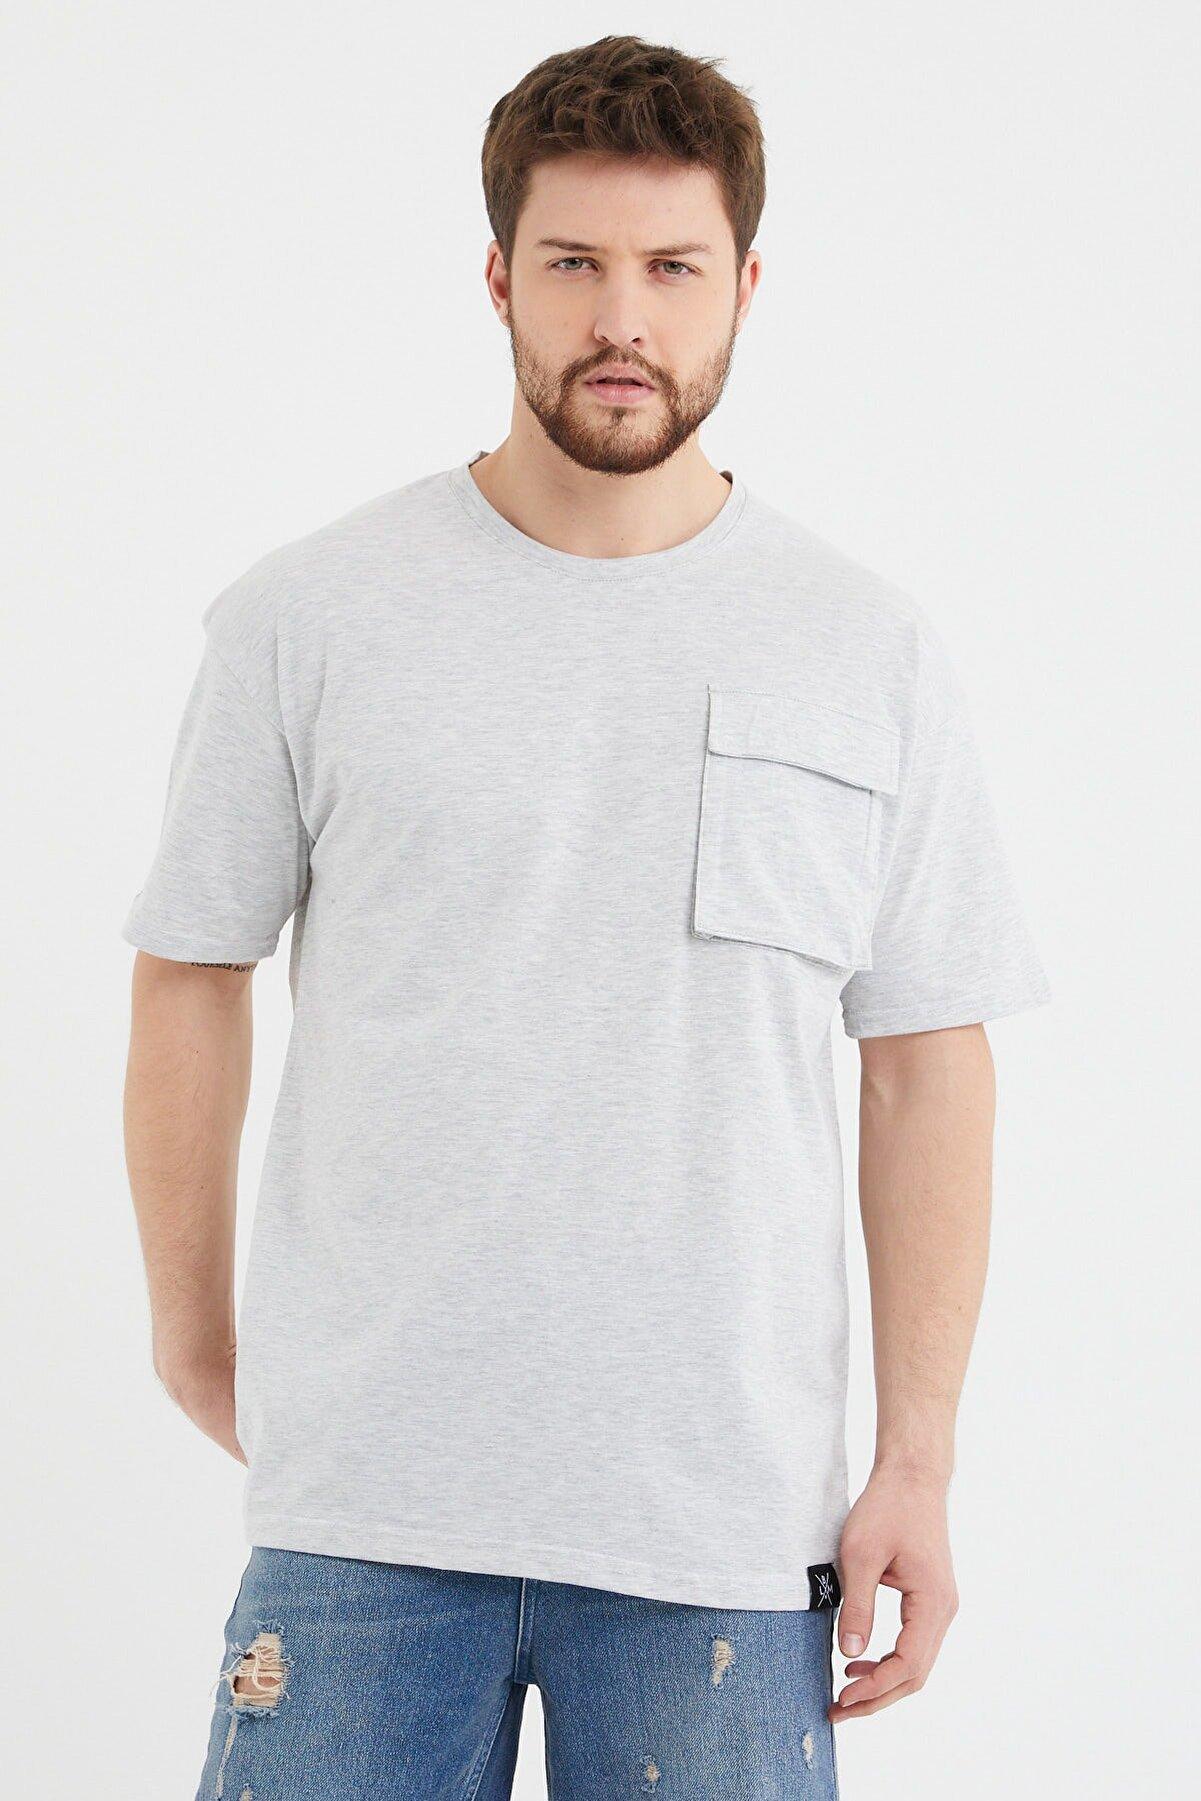 Cocers Erkek Gri Oversize Körük Cepli T-shirt